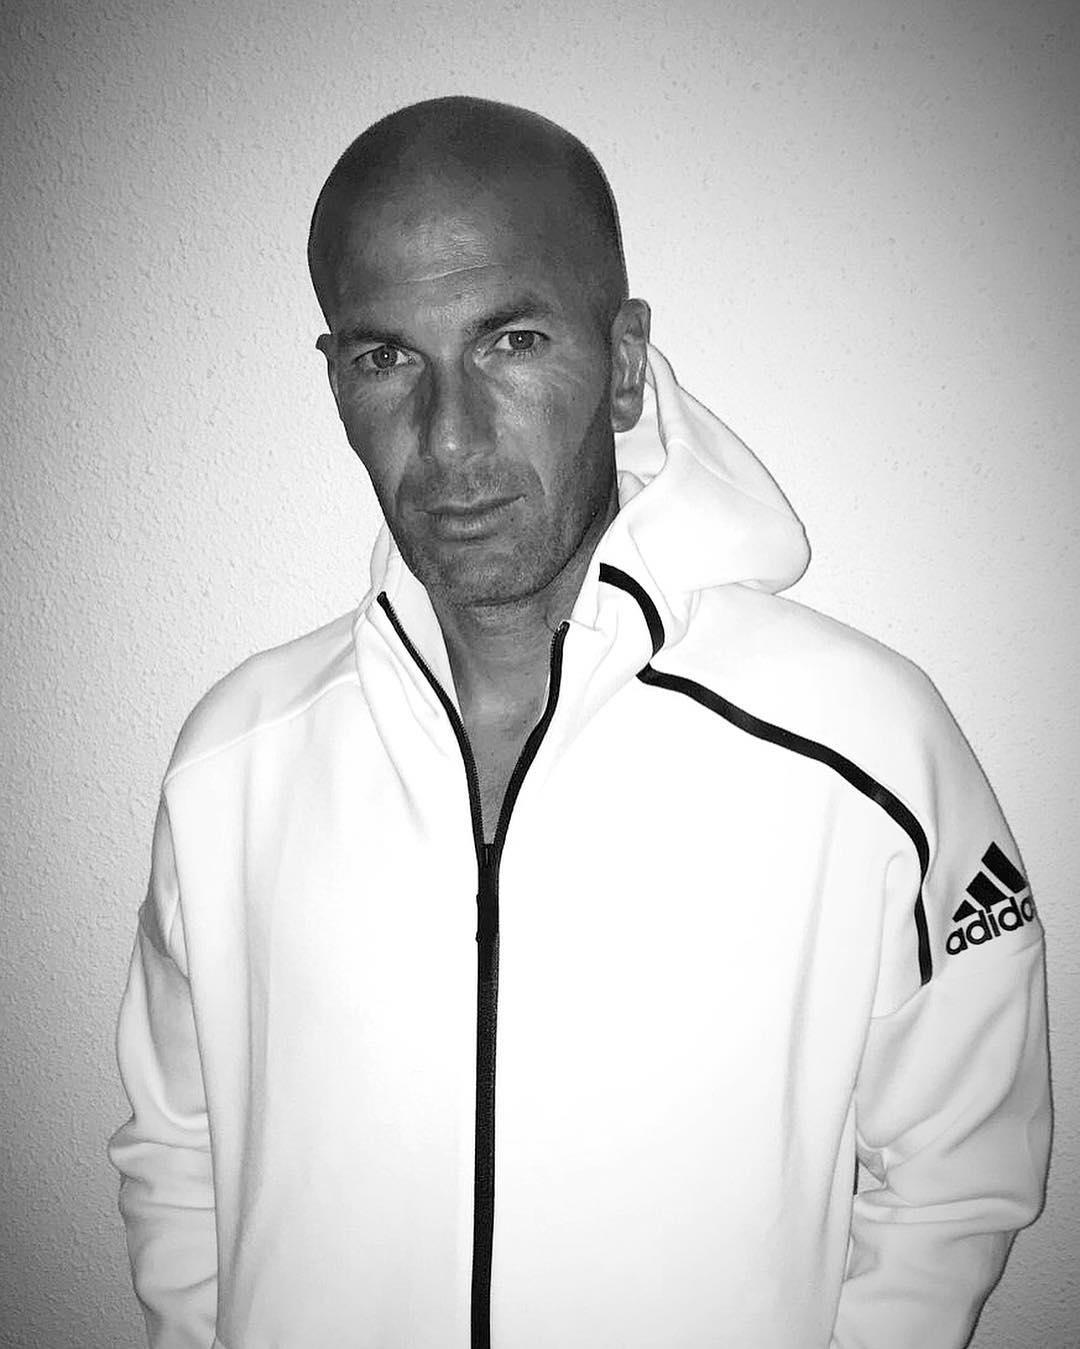 Zidane se convirtió en el segundo de los cuatro fichajes 'galácticos' (Figo, Zidane, Ronaldo y Beckham).